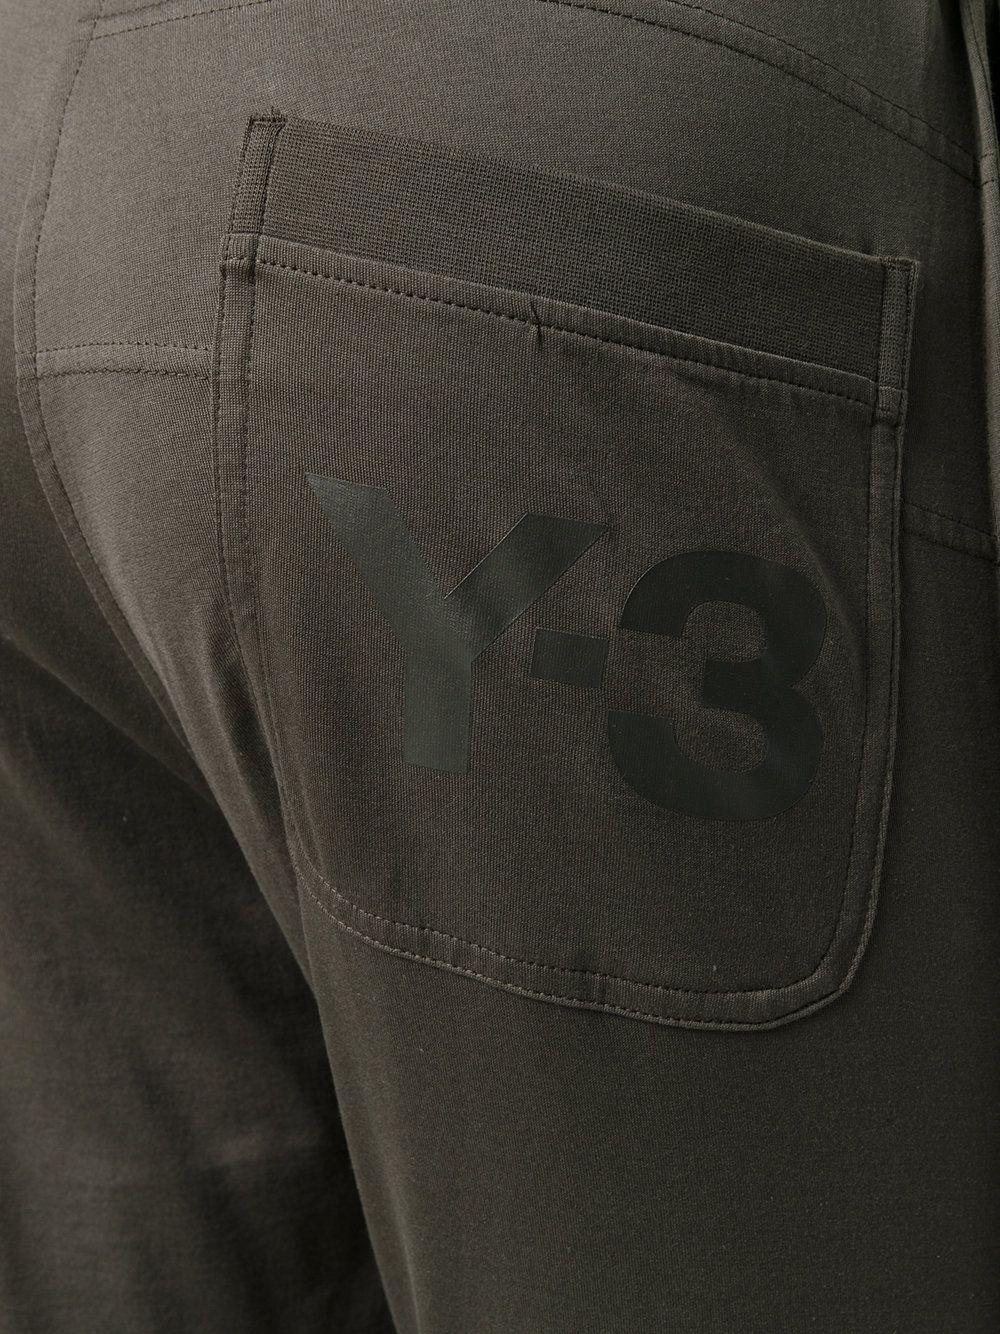 Y-3 长款弹力针织打底裤